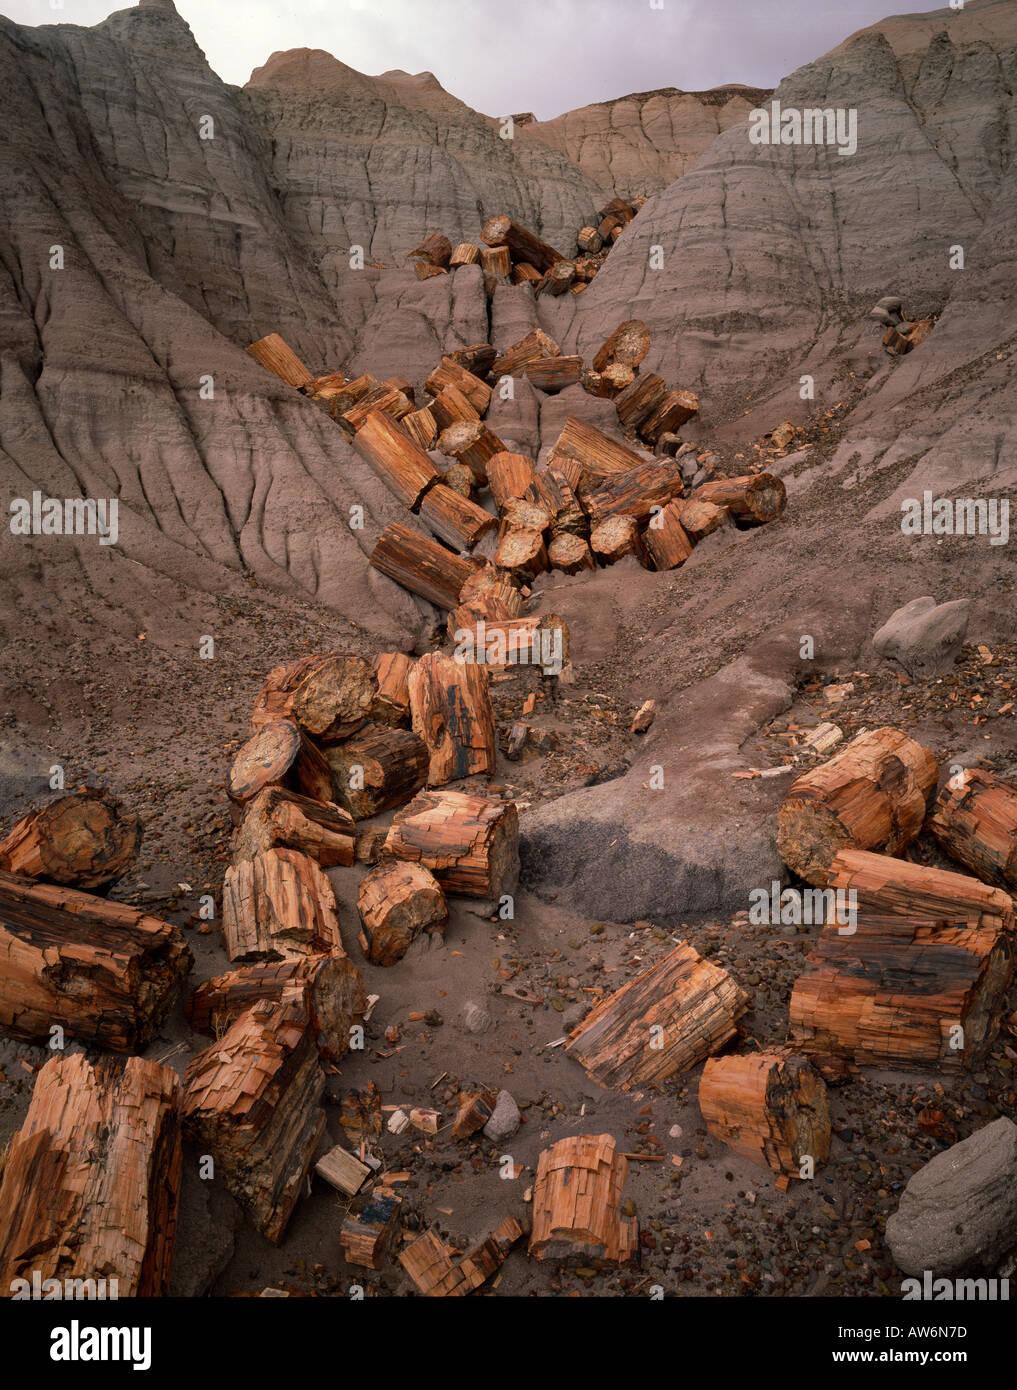 Journaux fossilisés au petrified wood National Monument, Arizona USA Photo Stock